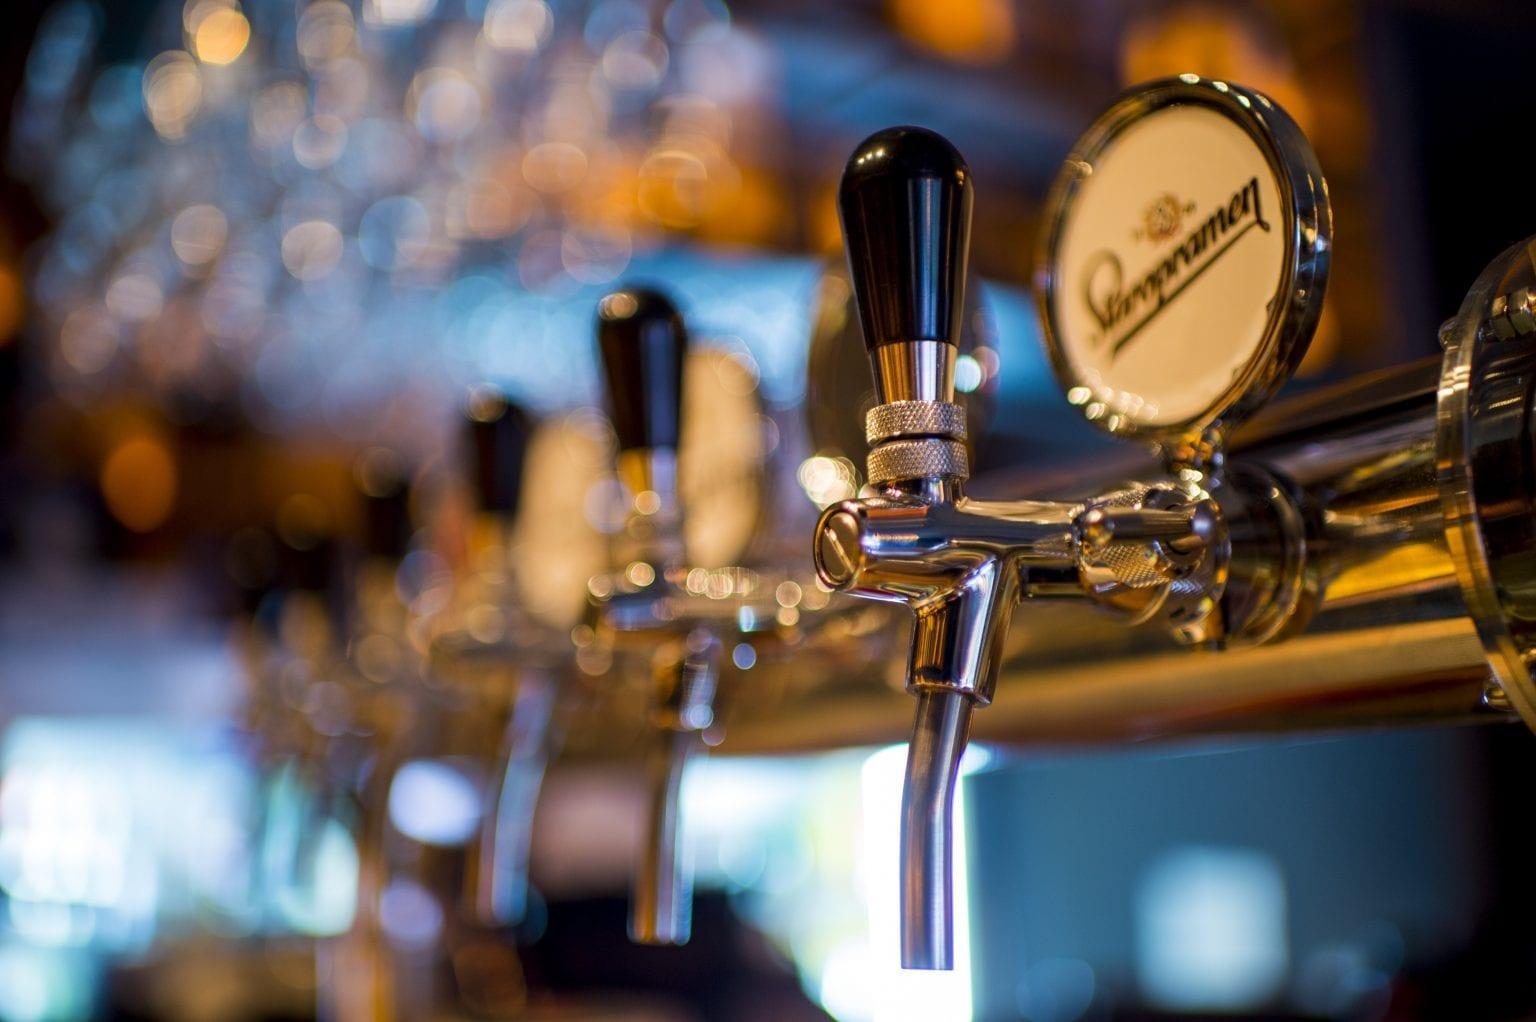 stainless-steel-beer-dispenser-159291